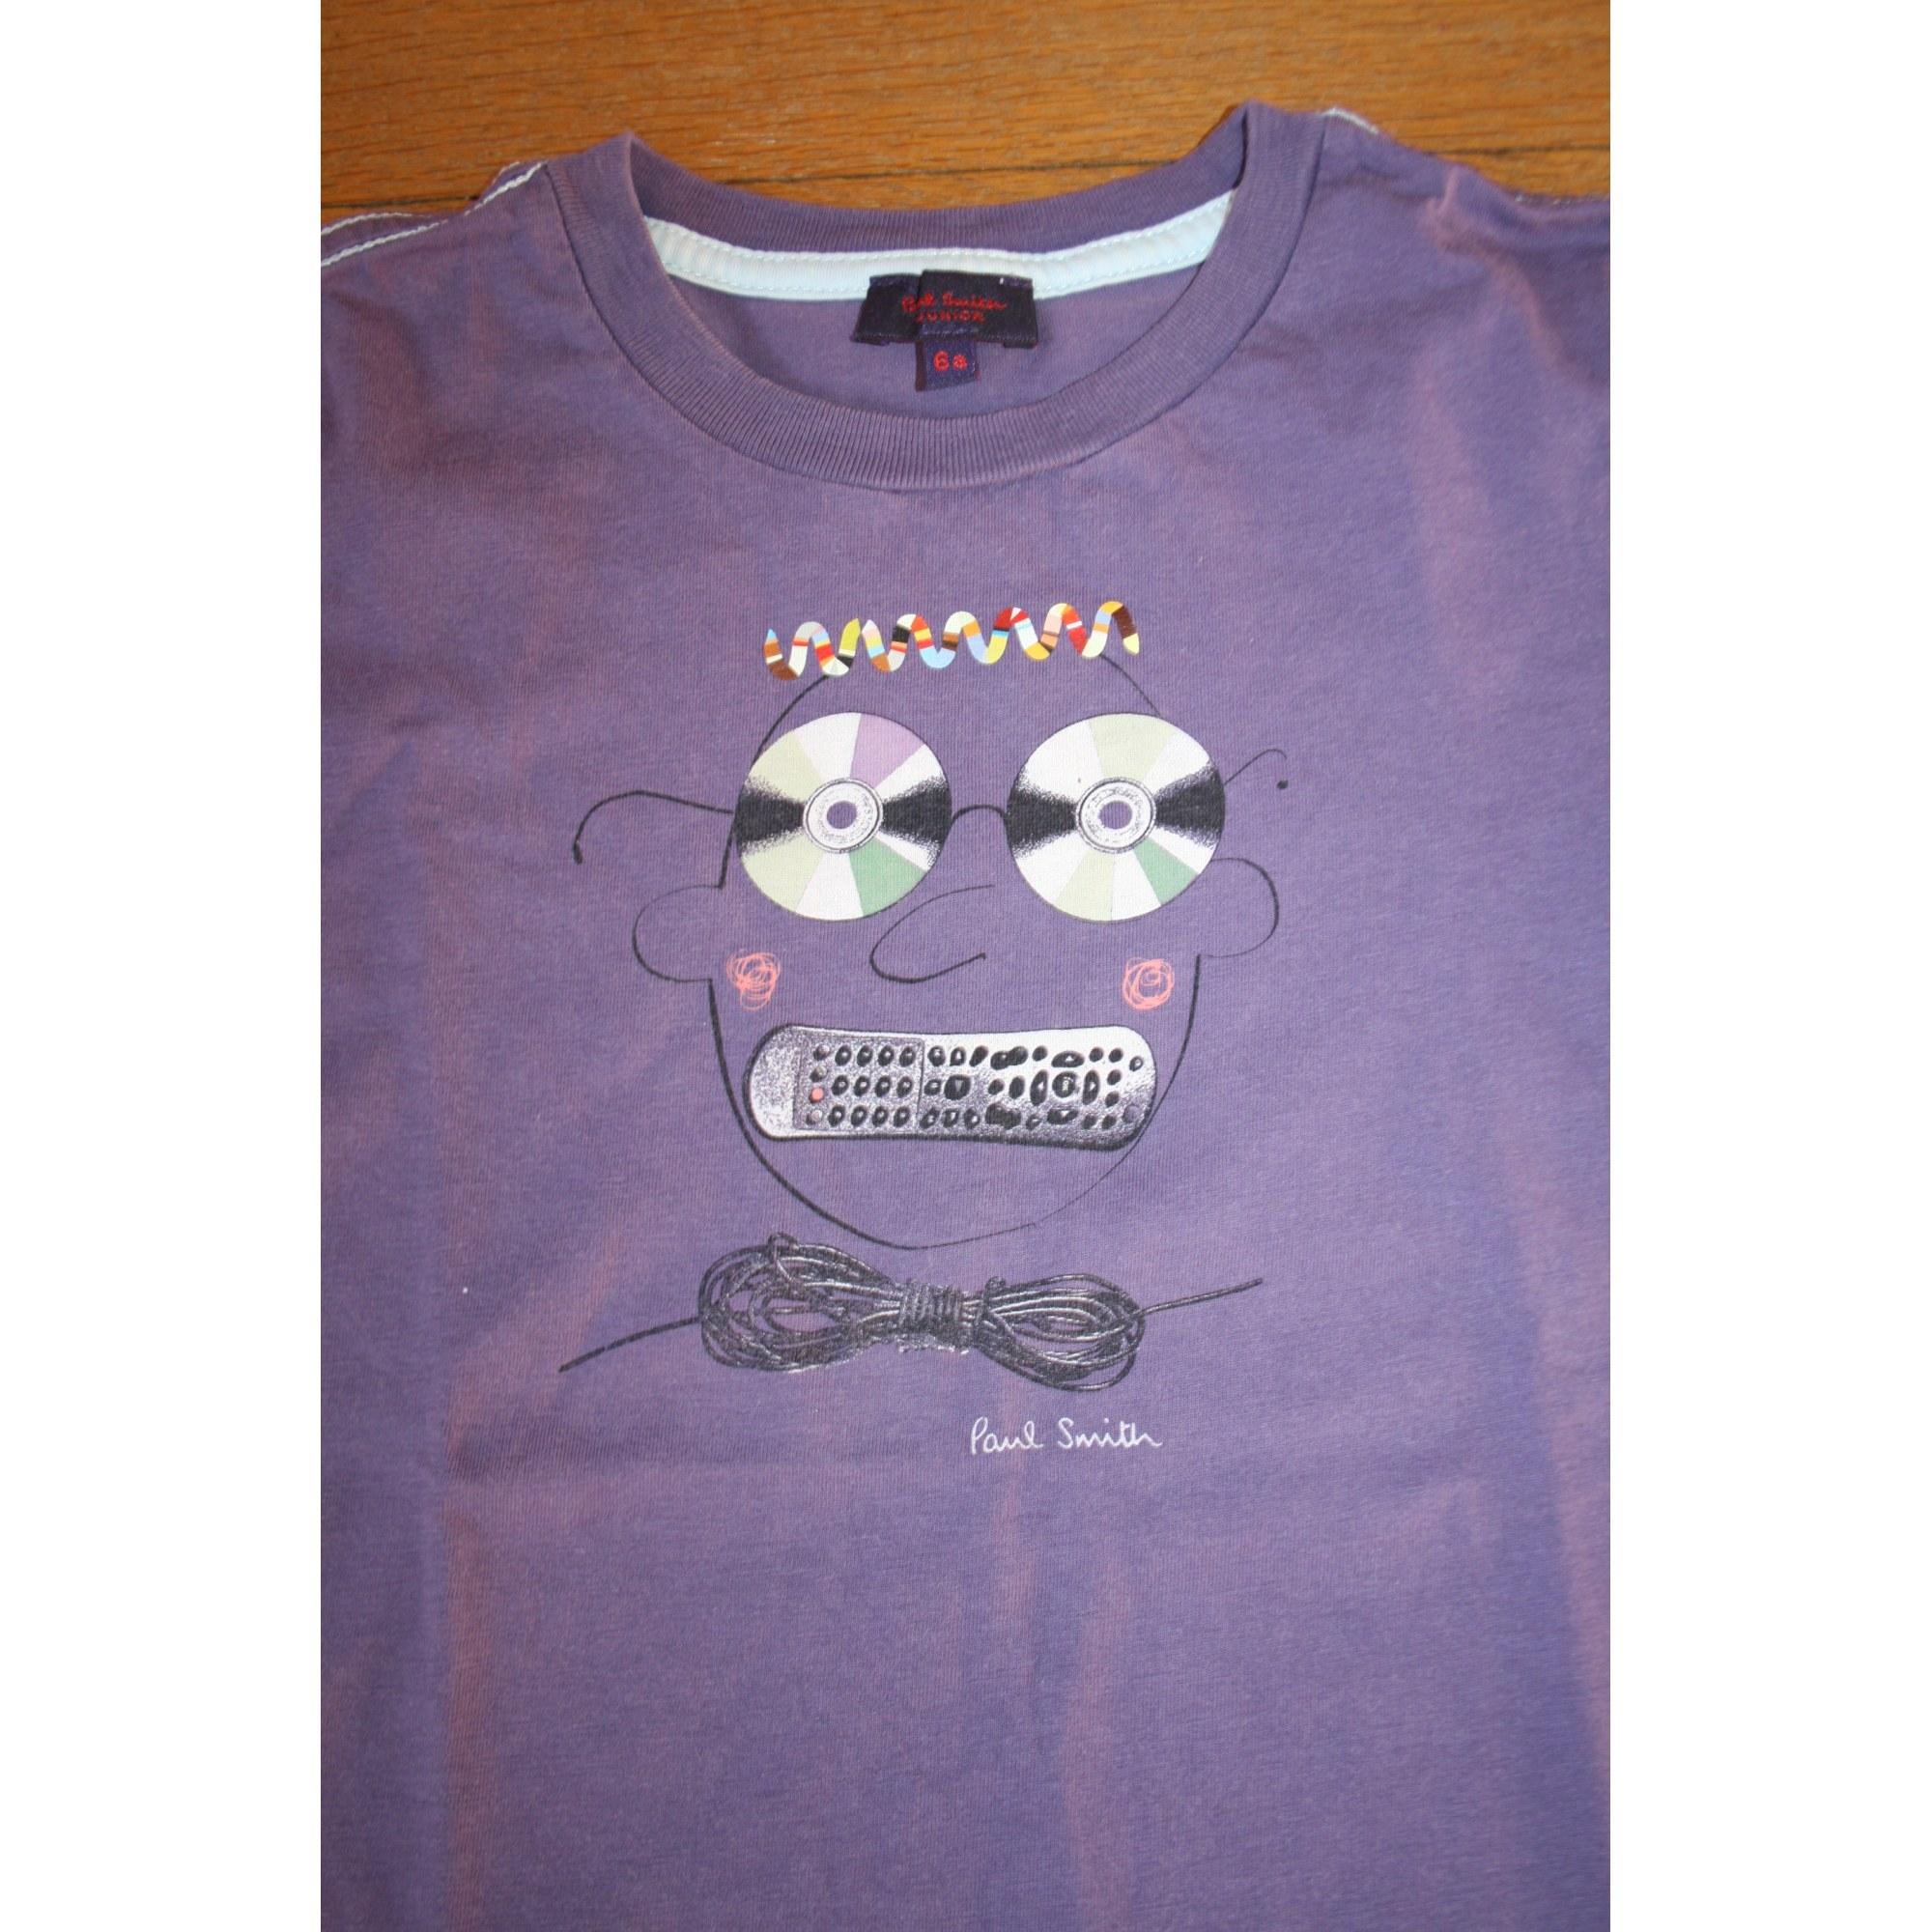 Tee-shirt PAUL SMITH JUNIOR Violet, mauve, lavande